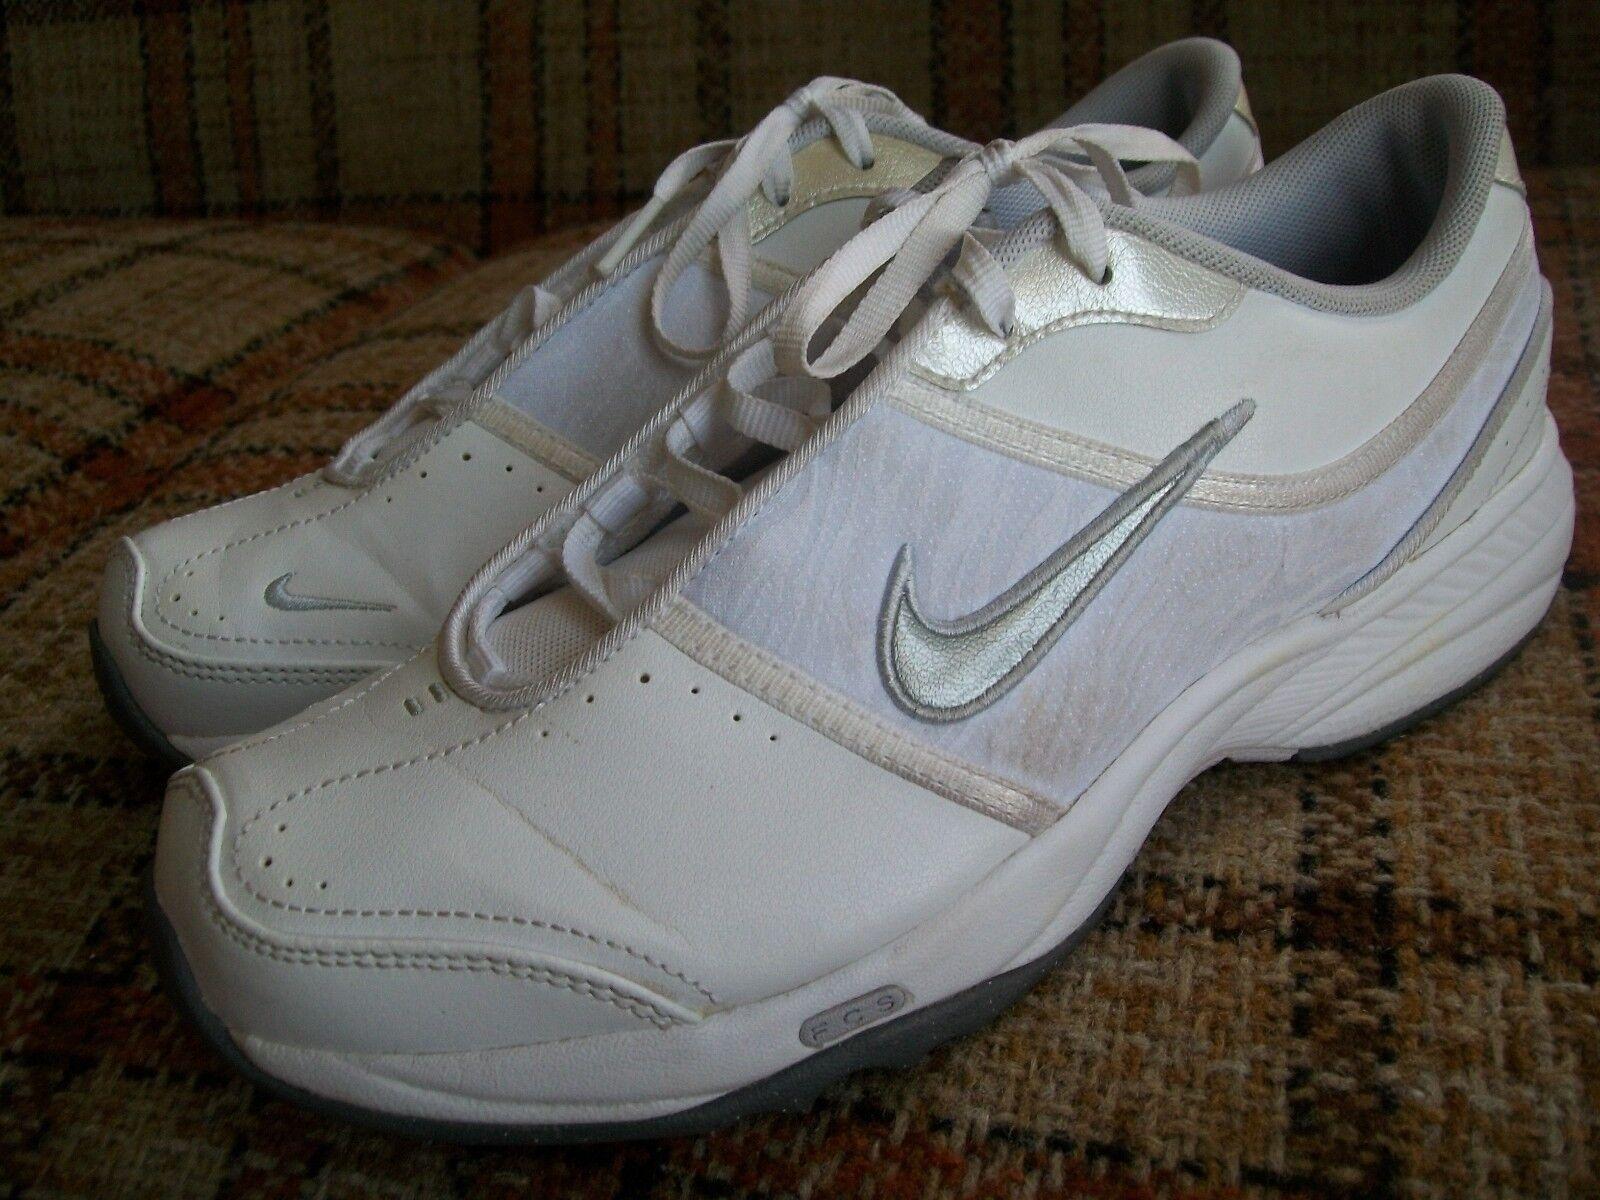 Nike Miler Womens Size 7 () Air Miler Nike White Walker (2009) 354176-101 3e29ea